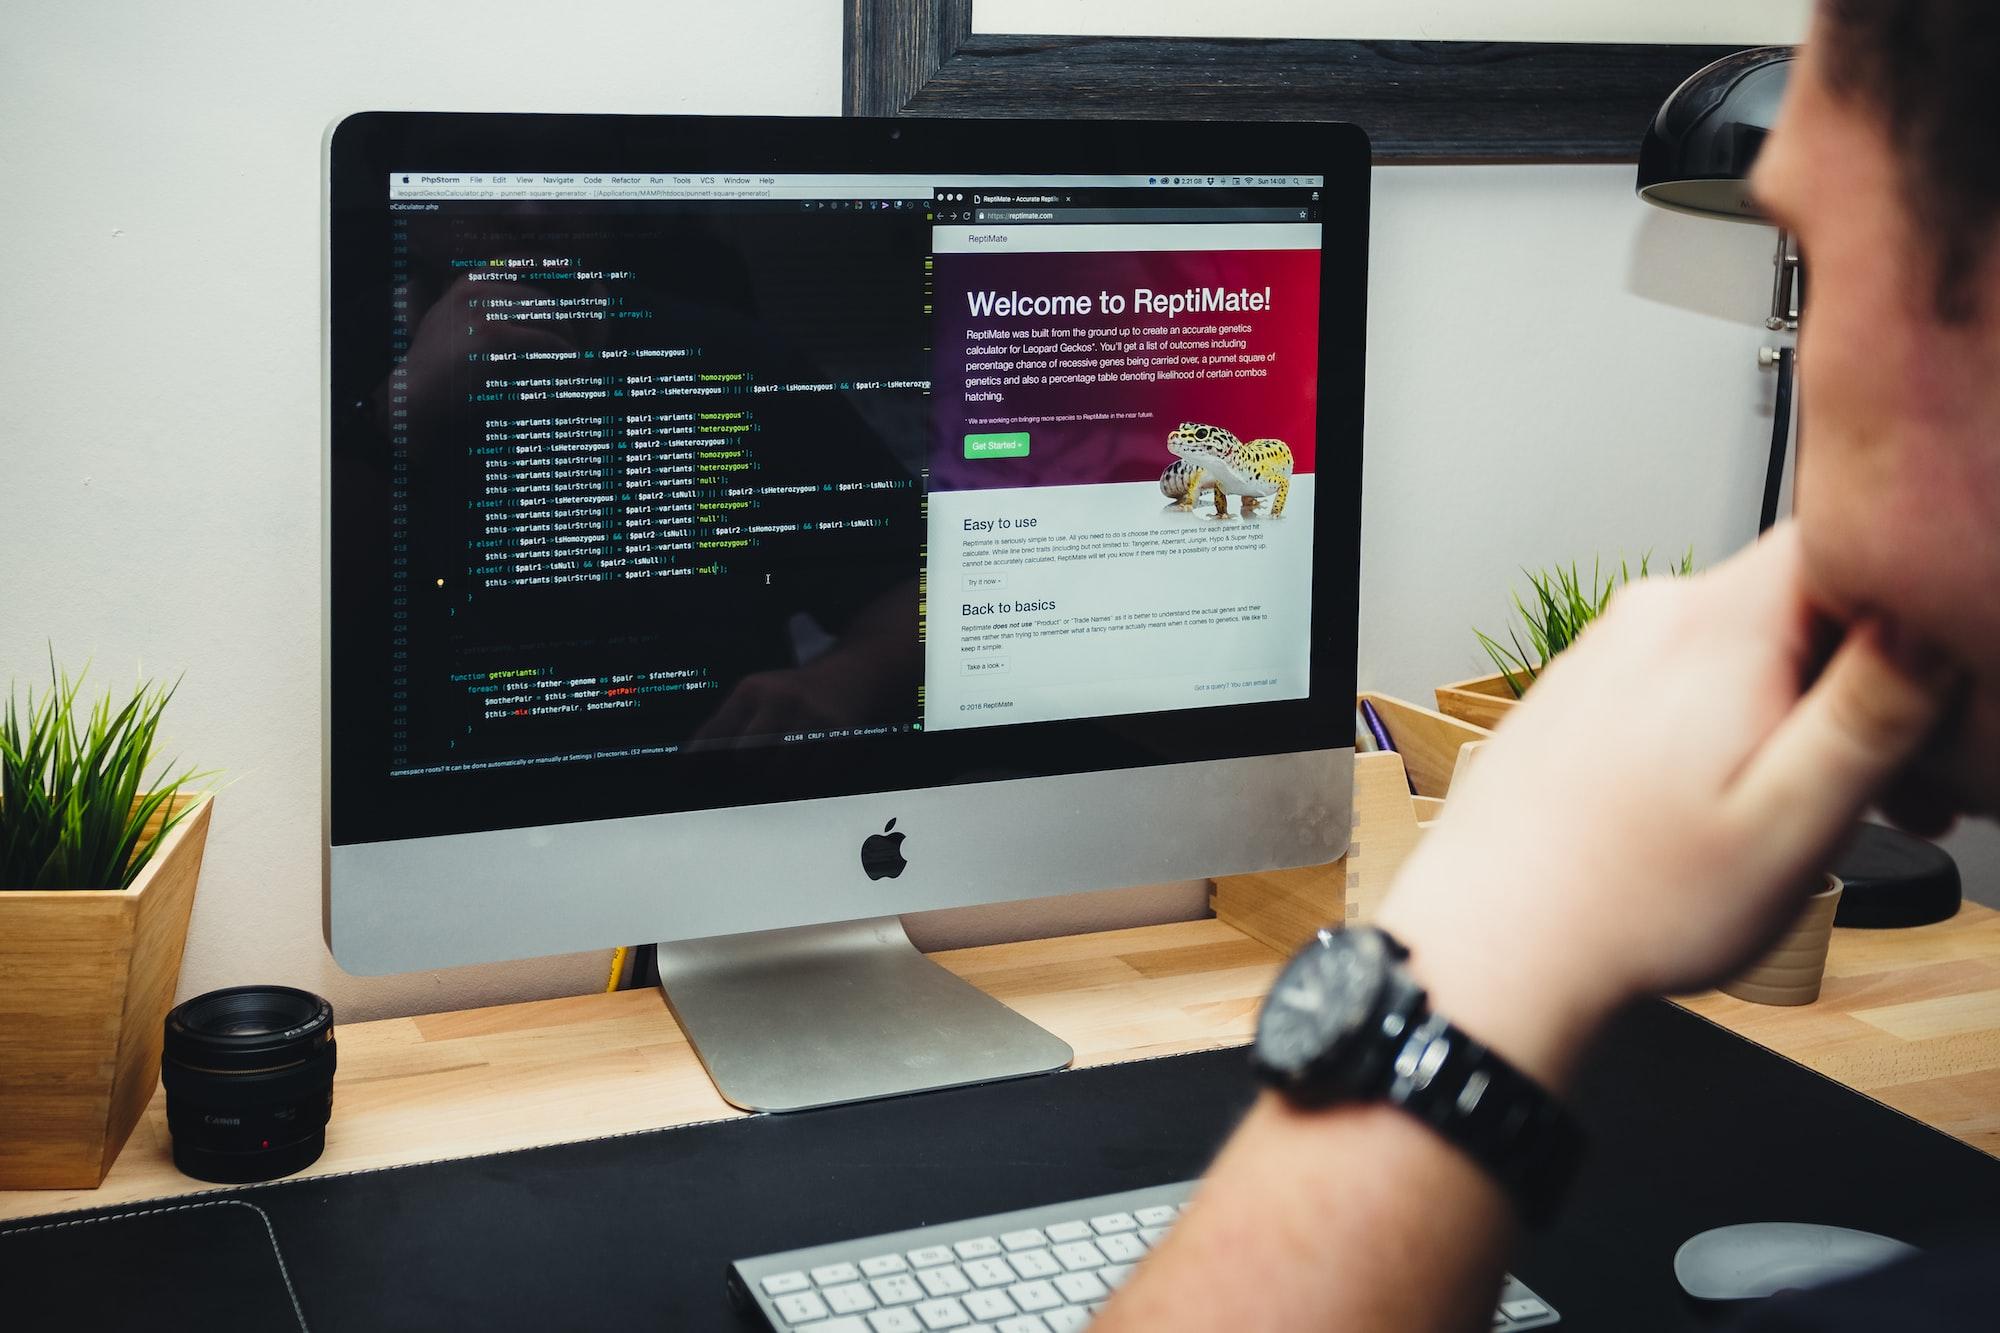 Звезды Великобритании призывают ввести налог на iPhone и Mac, чтобы помочь финансировать творческие профессии